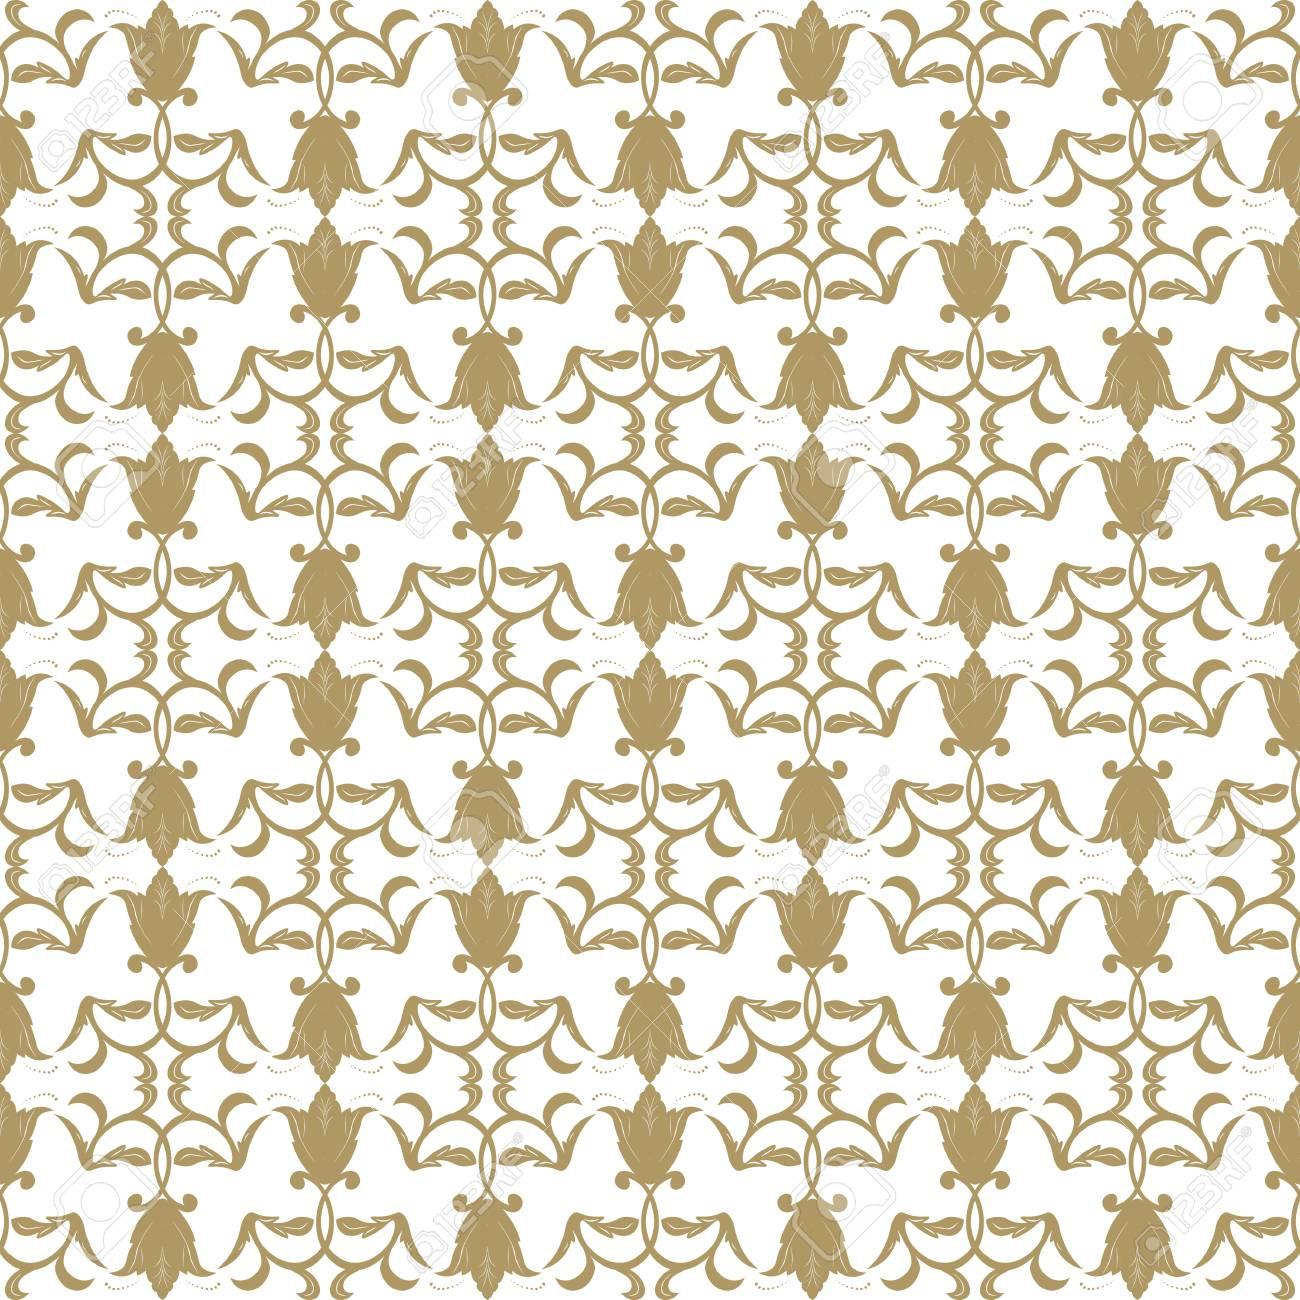 Motif Floral Floral Géométrique Élégant Moderne Pour Textile, Papier Peint,  Motifs De Remplissage, Couvertures, Surface, Imprimer, Découpage destiné Decoupage A Imprimer